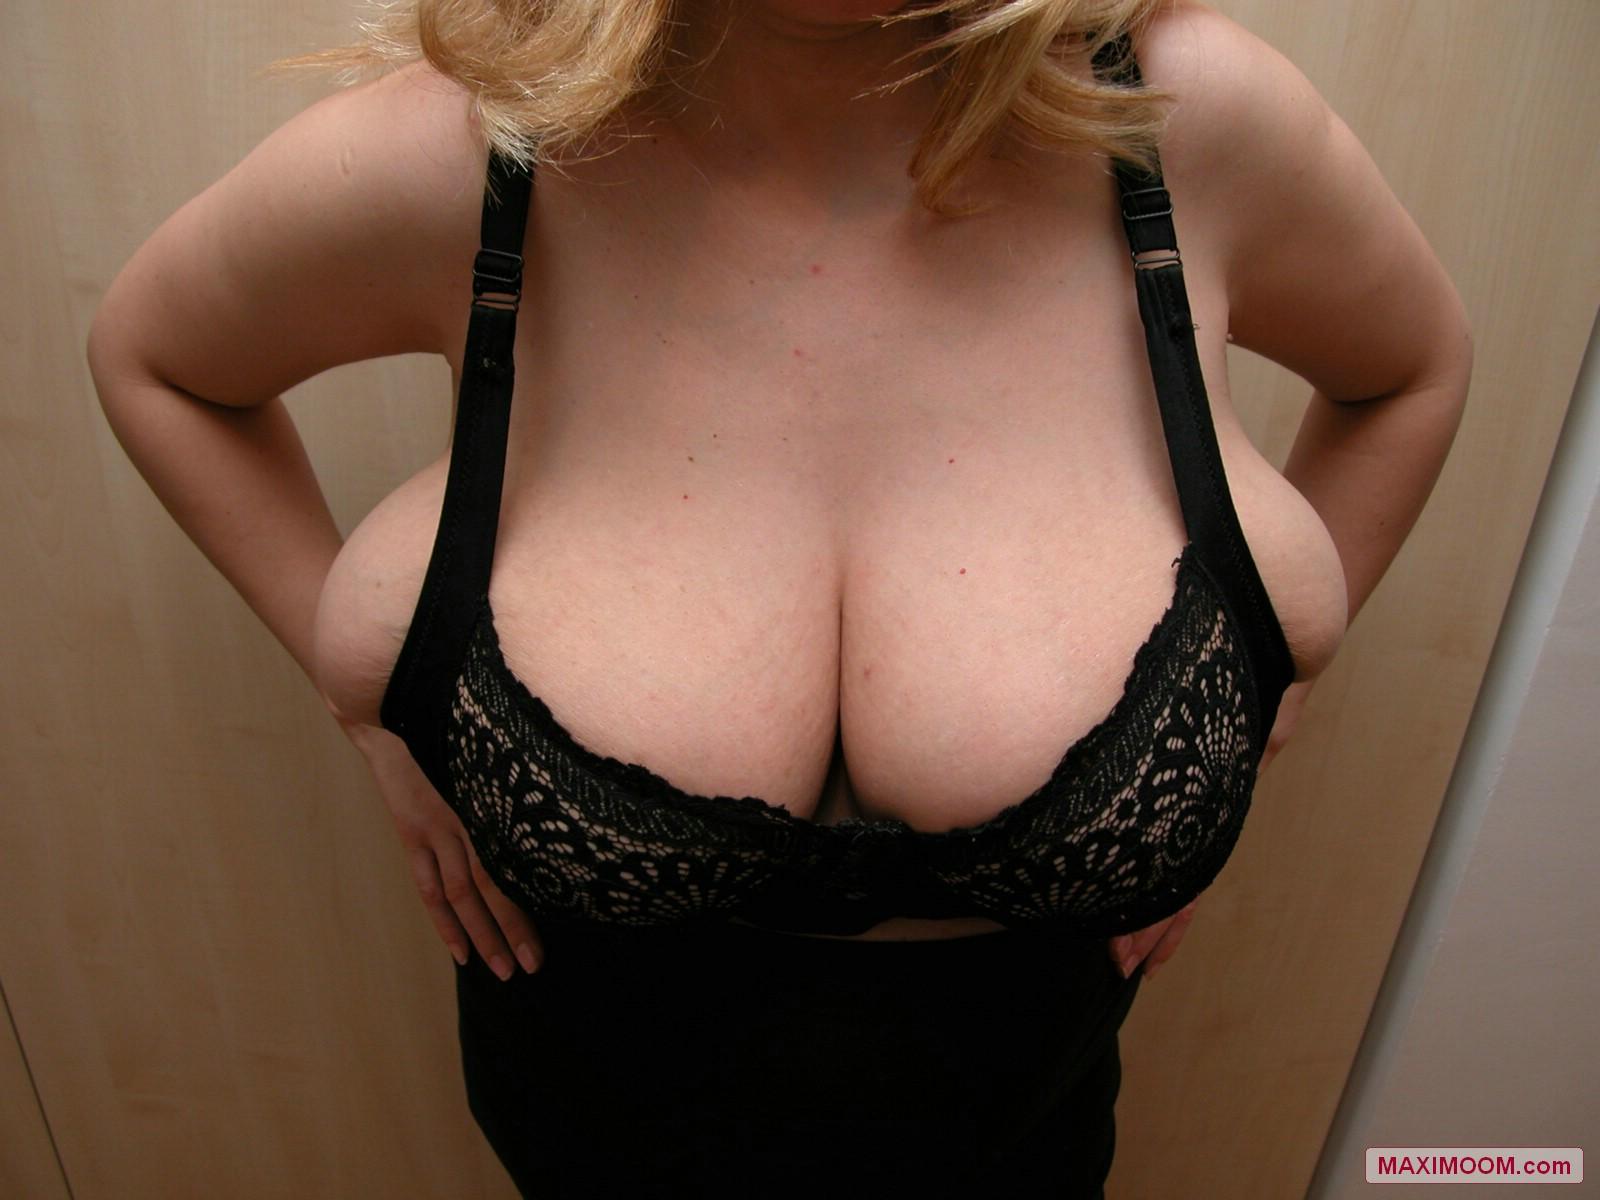 Free huge natural tits